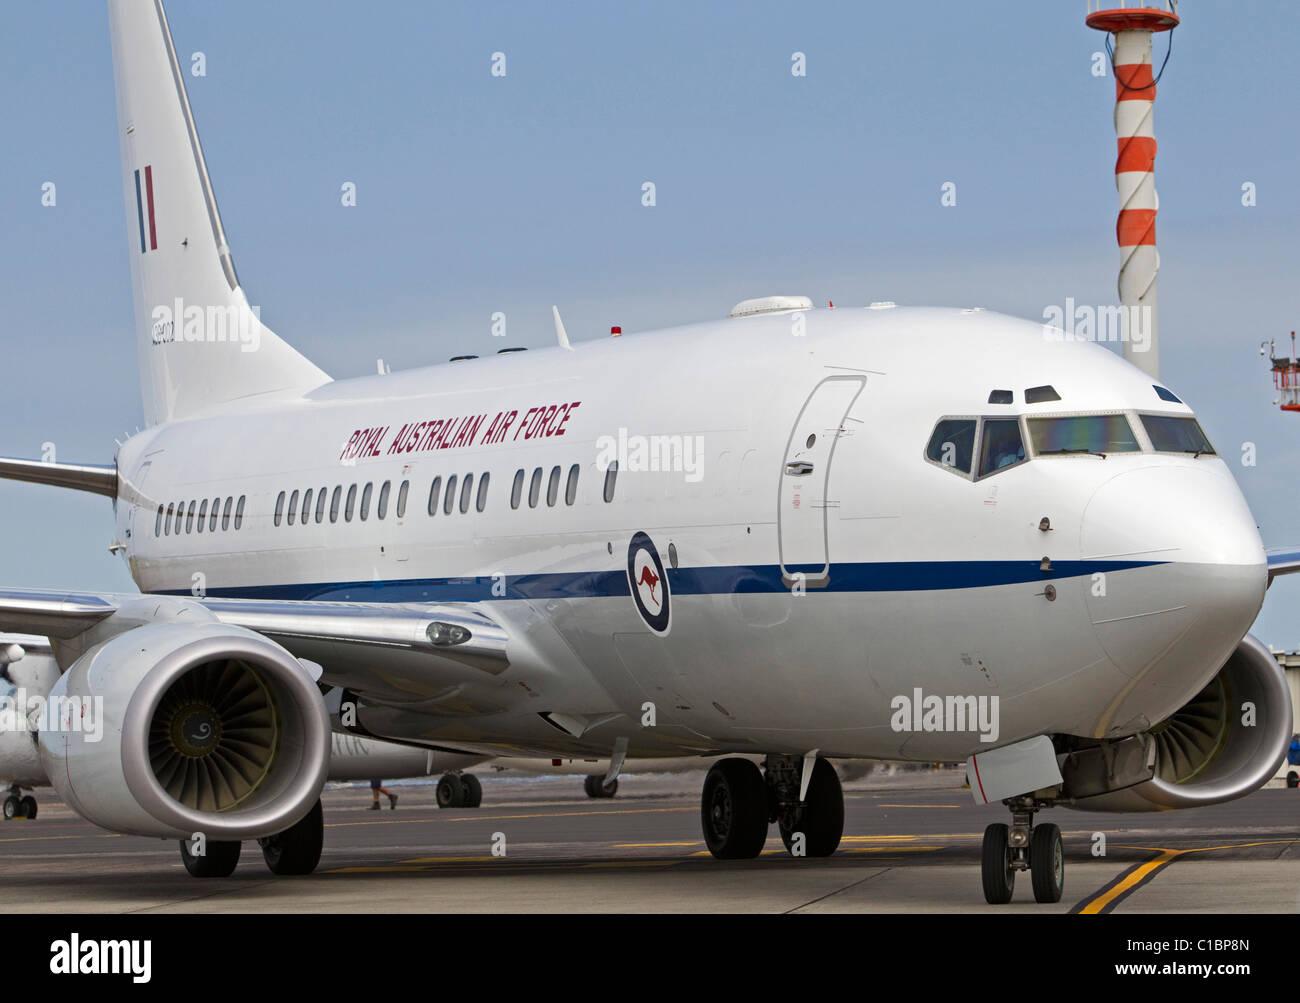 Royal Australian Air Force VIP Aircraft - 34 SQN - Boeing